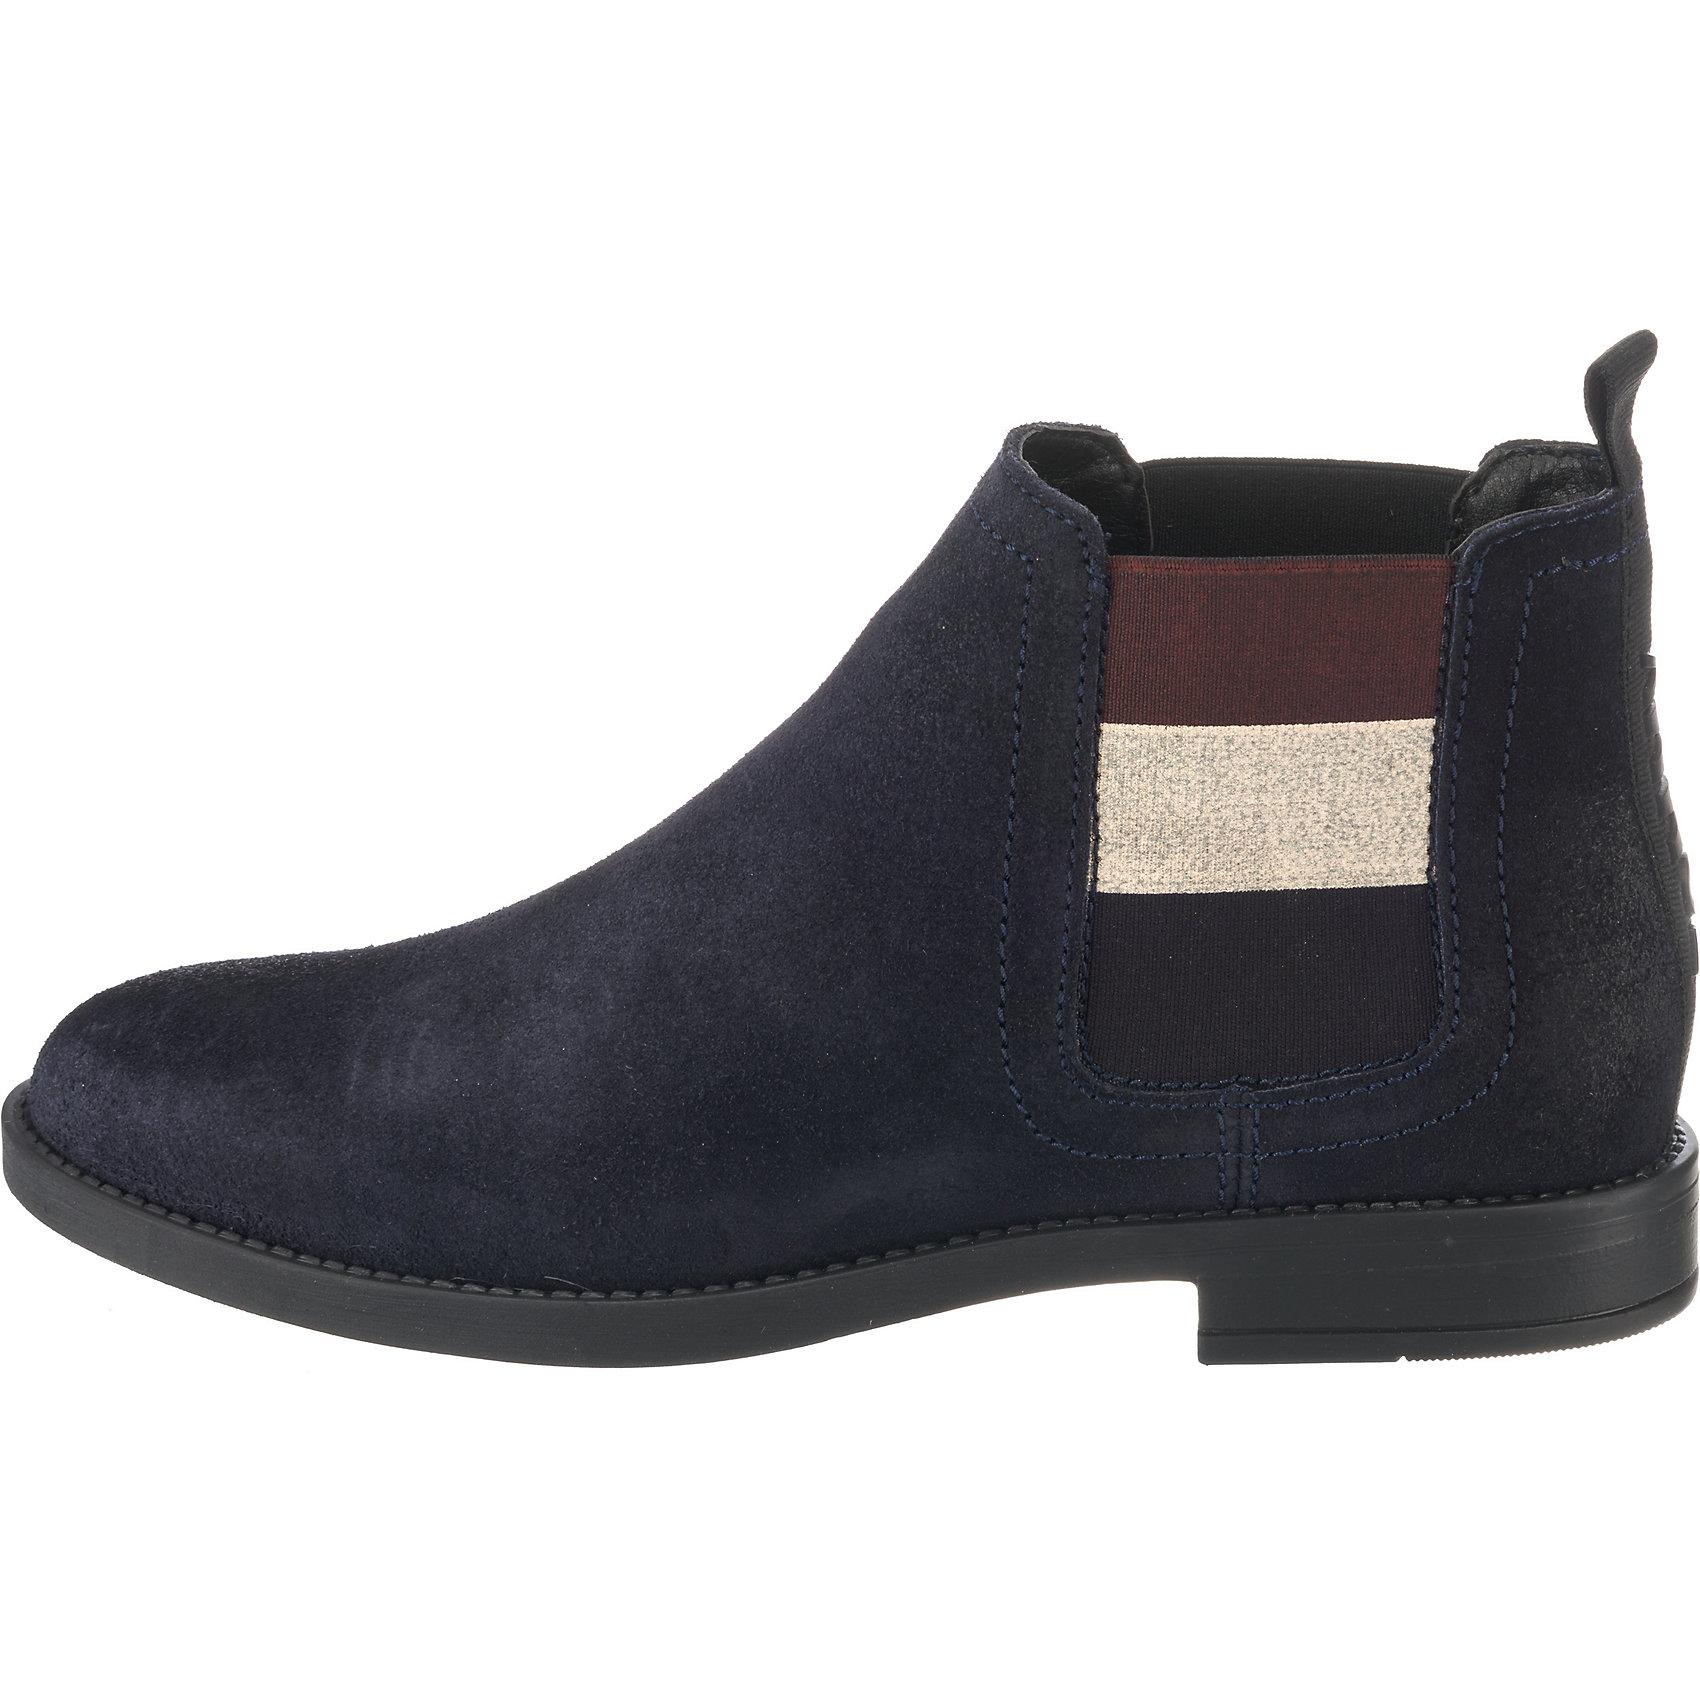 Neu TOMMY JEANS JEANS JEANS Chelsea Stiefel 8741912 für Damen dunkelblau grau 5fe994